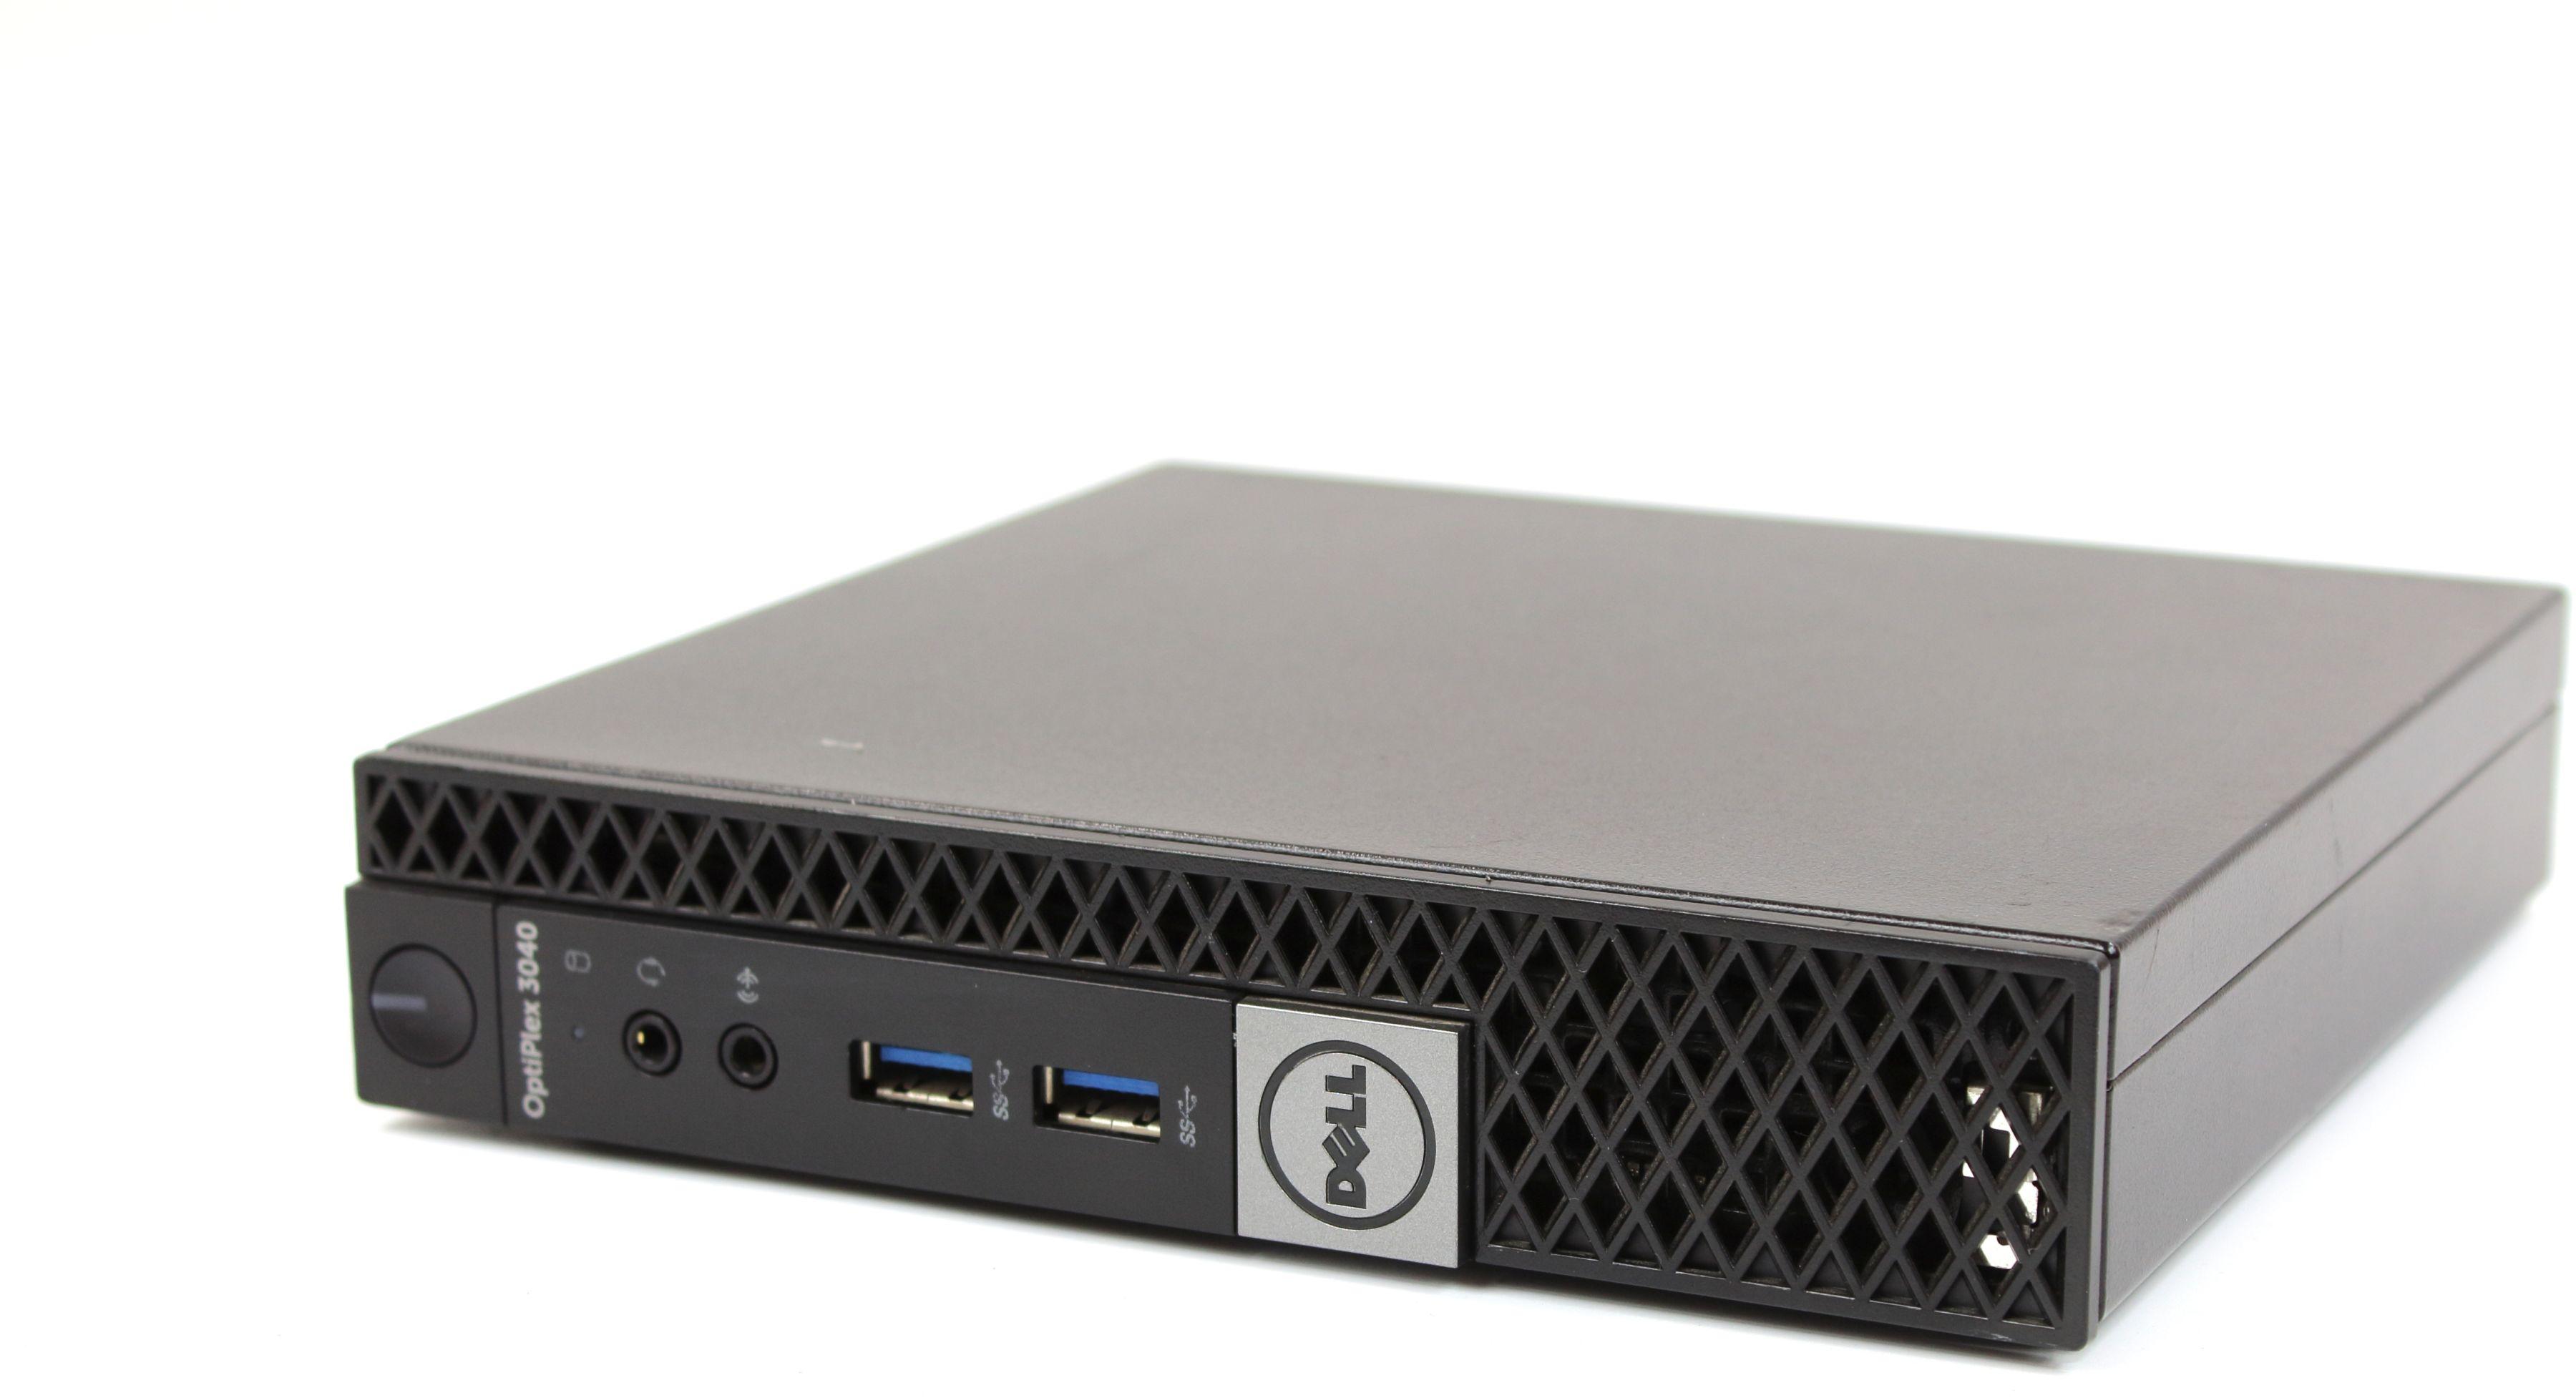 Komputer Dell OptiPlex 3040 Micro i3-6100T 2x3.20GHz 8GB 500GB WiFi - Windows 7/8/10 Professional